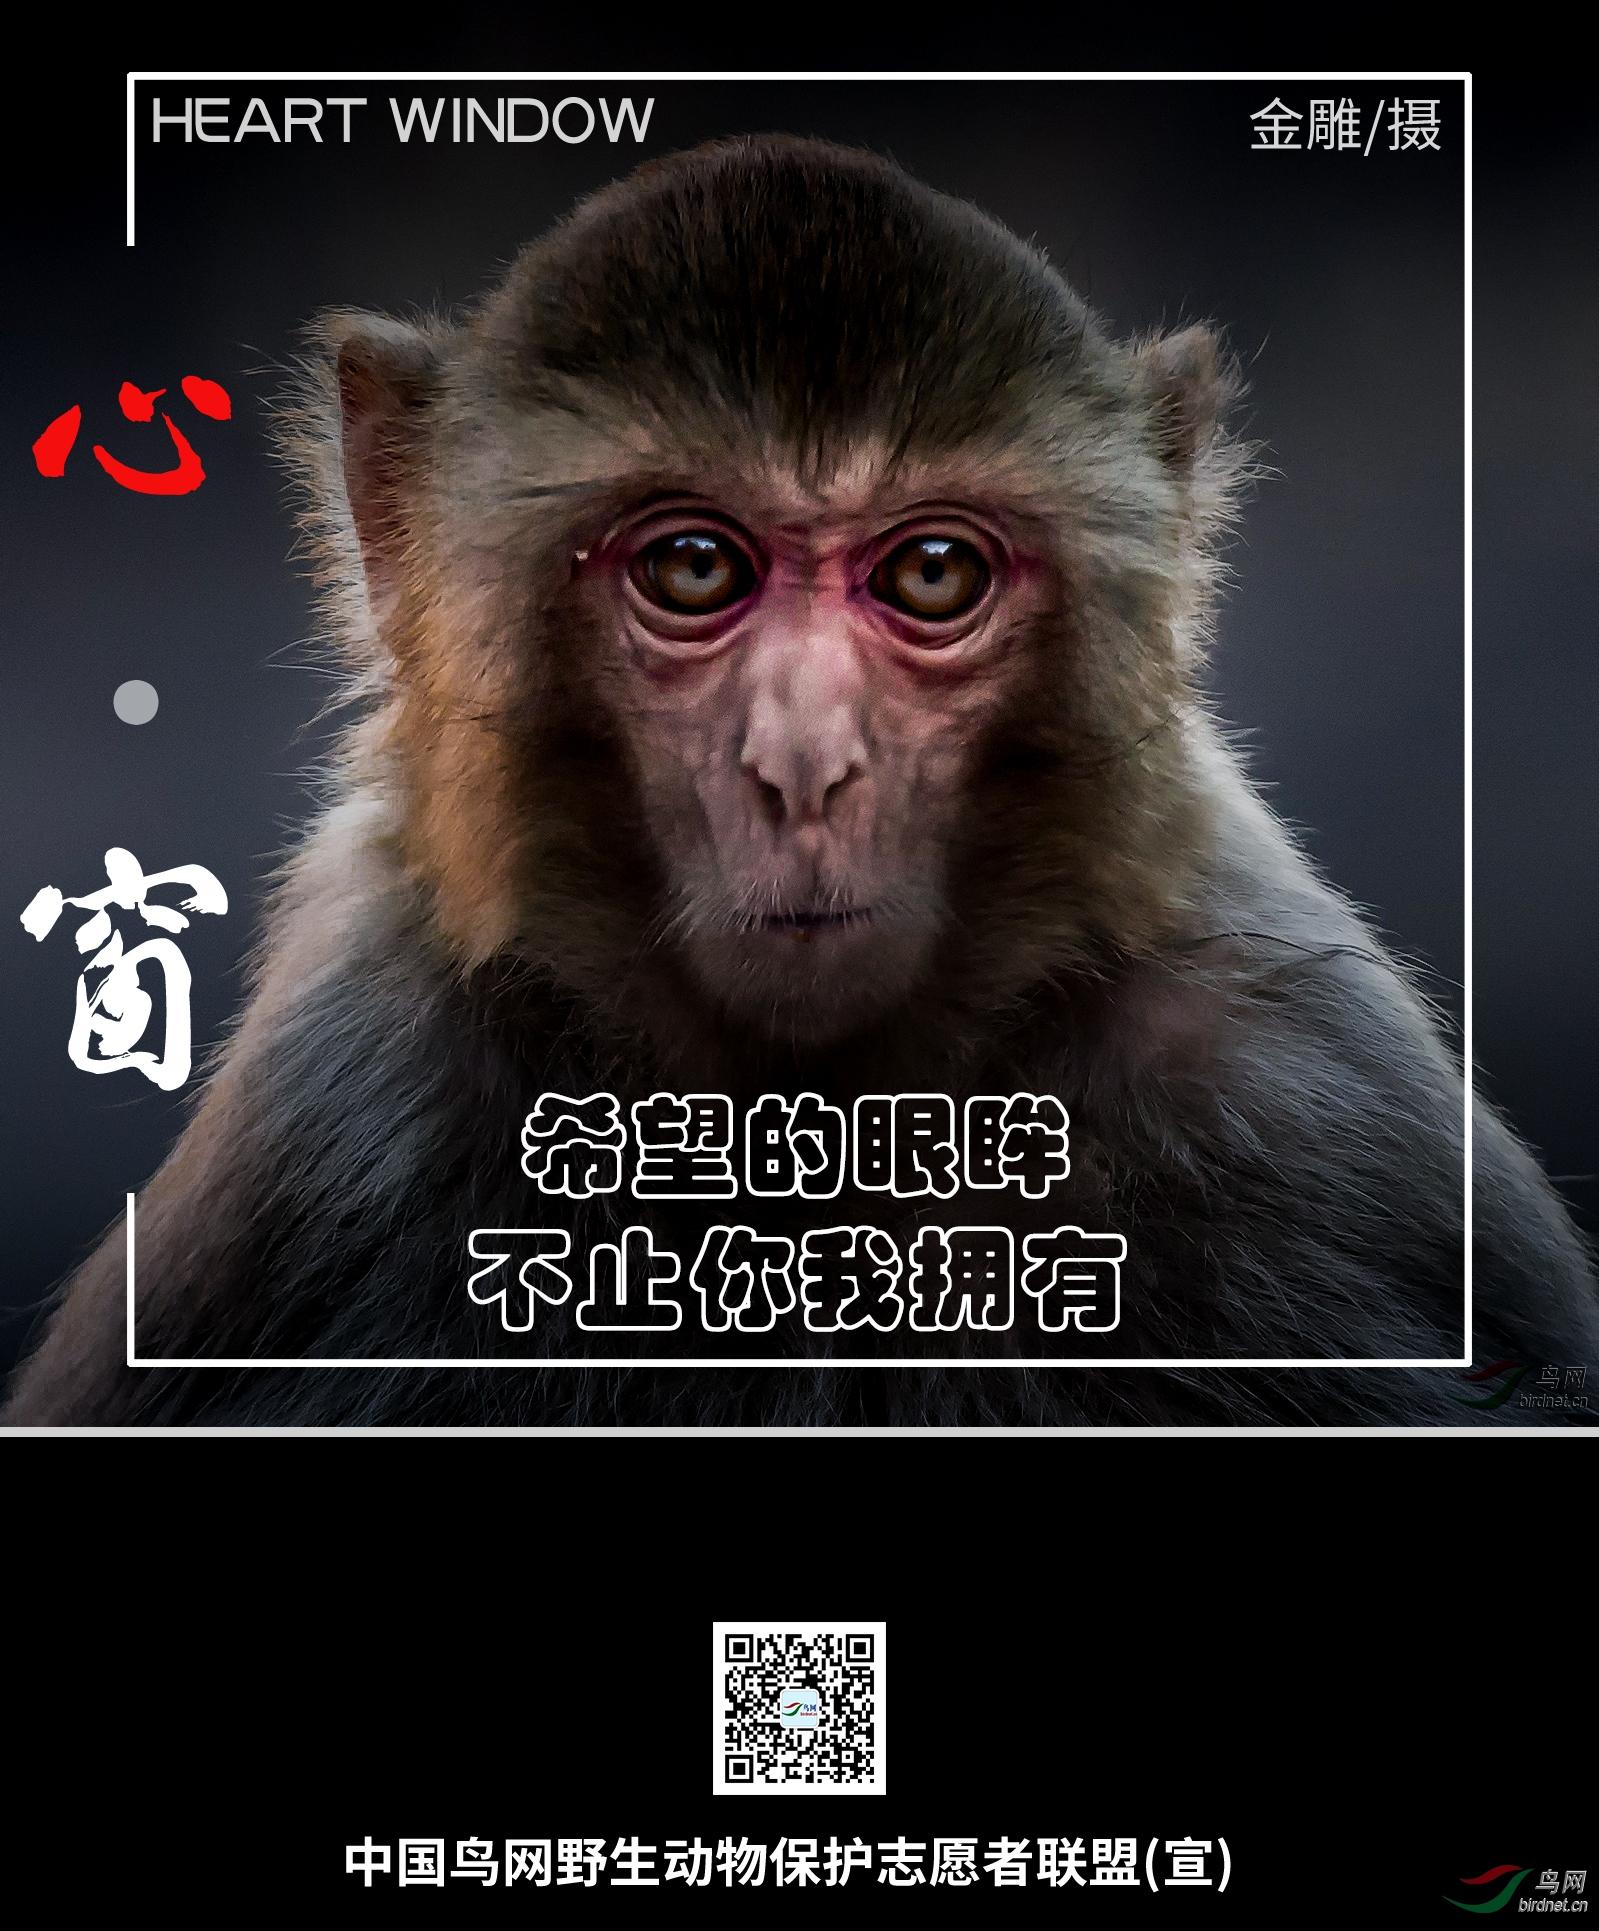 猴子01.jpg